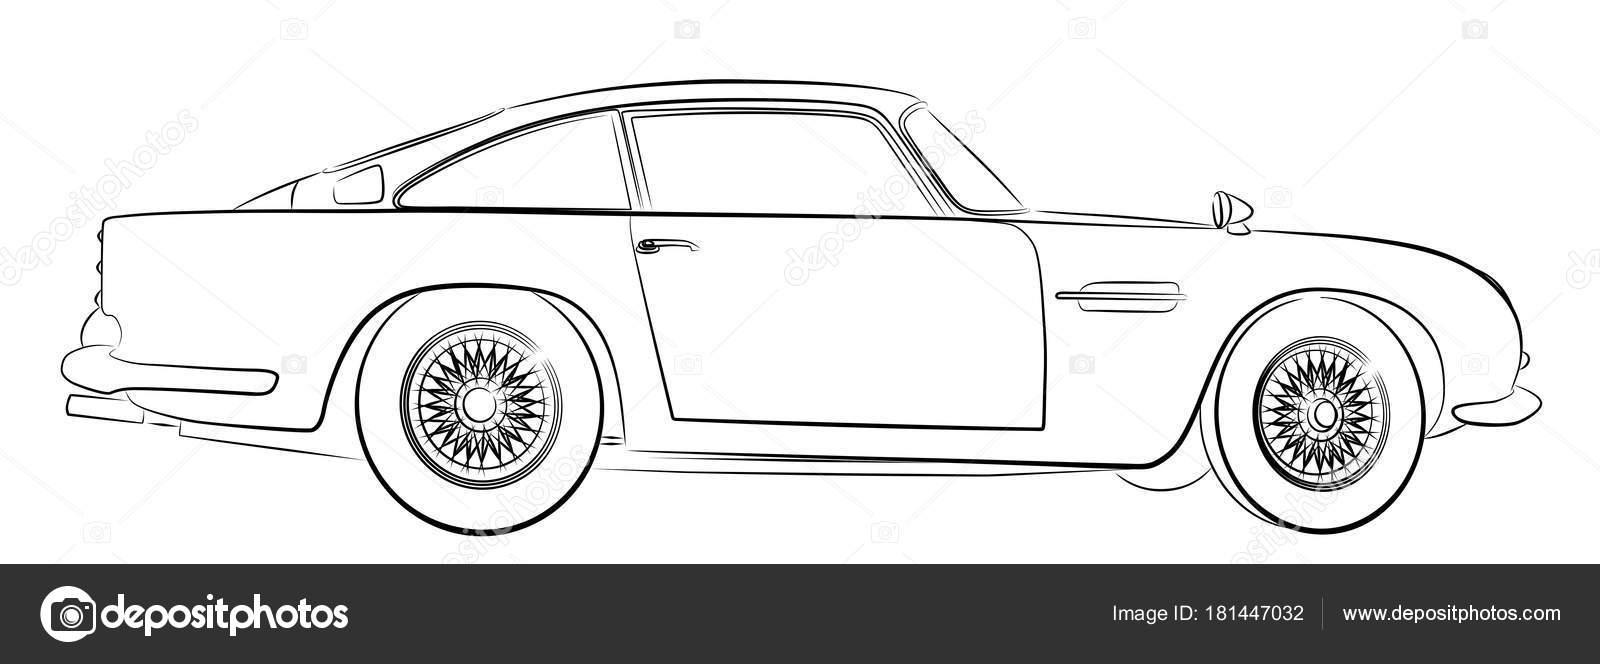 Eine Skizze Des Alten Retro Autos — Stockvektor © Designer_an #181447032